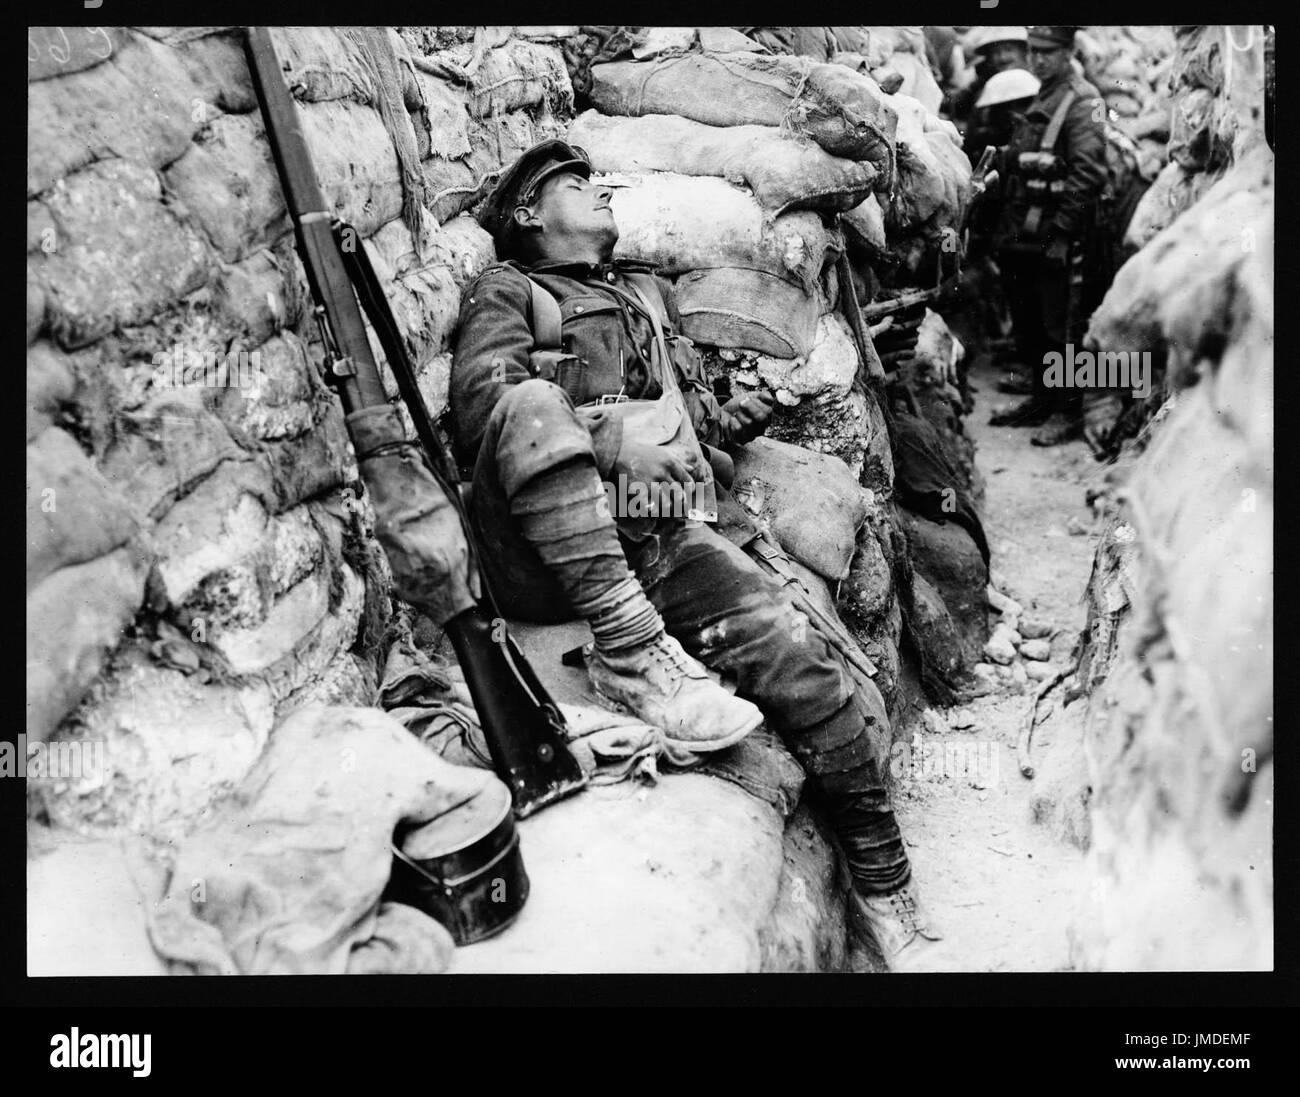 Camaradas del soldado viendo como él duerme, Thievpal, Francia, durante la I Guerra Mundial Imagen De Stock